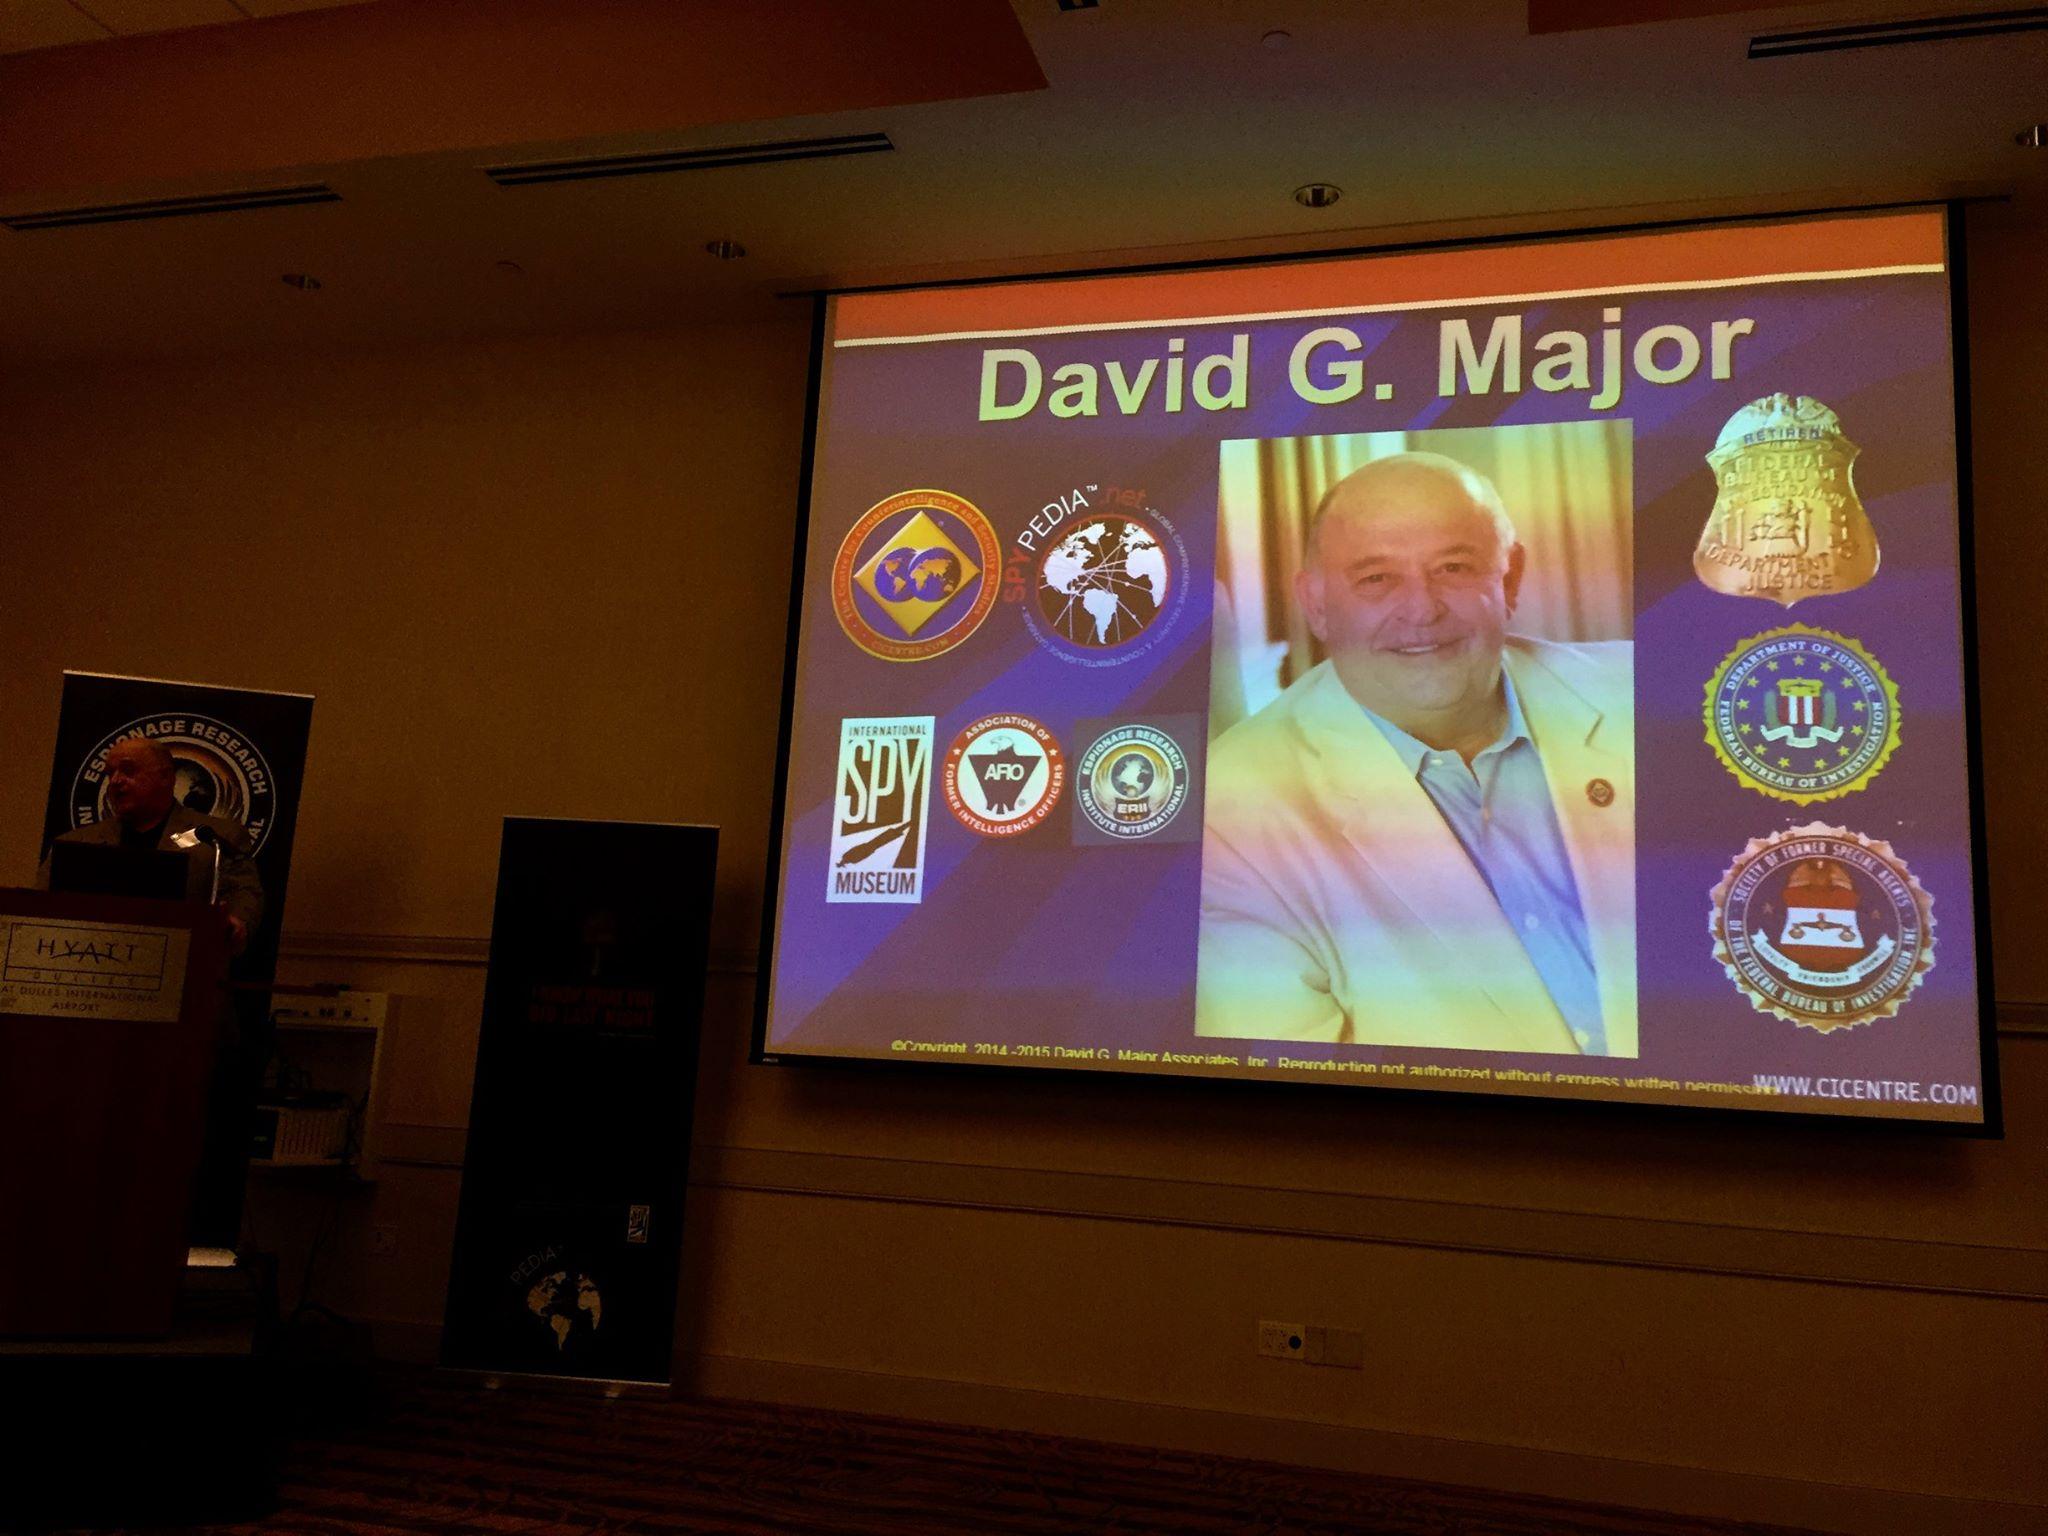 2015 ERII Conference David G. Major